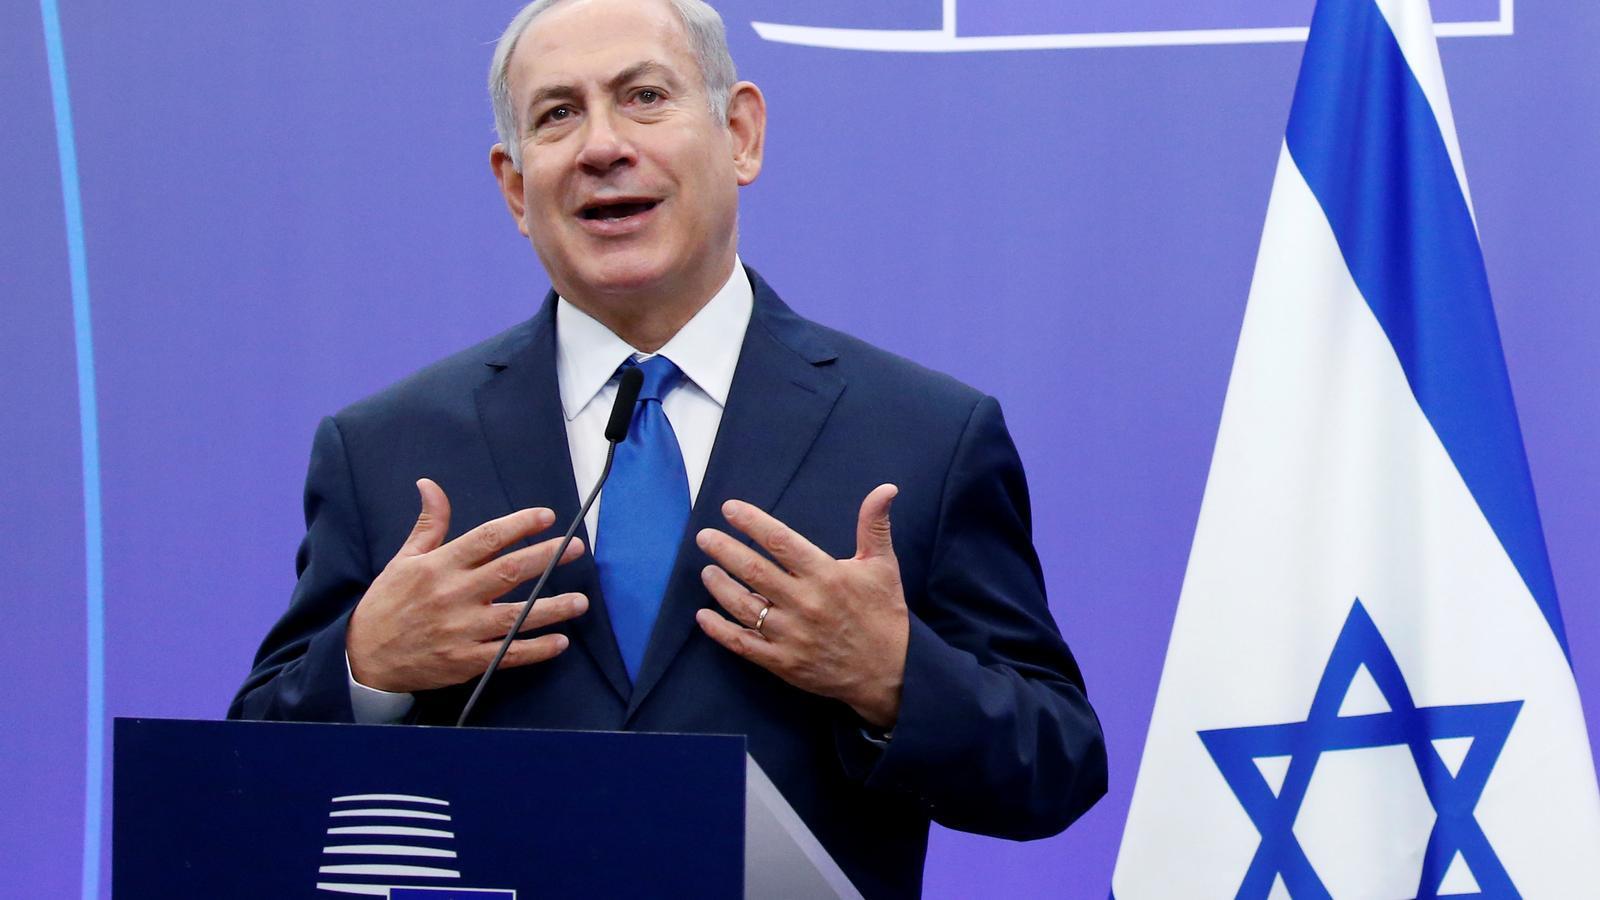 El primer ministre d'Israel, Benjamin Netanyahu, durant la roda de premsa que ha oferit a la seva arribada a Brussel·les